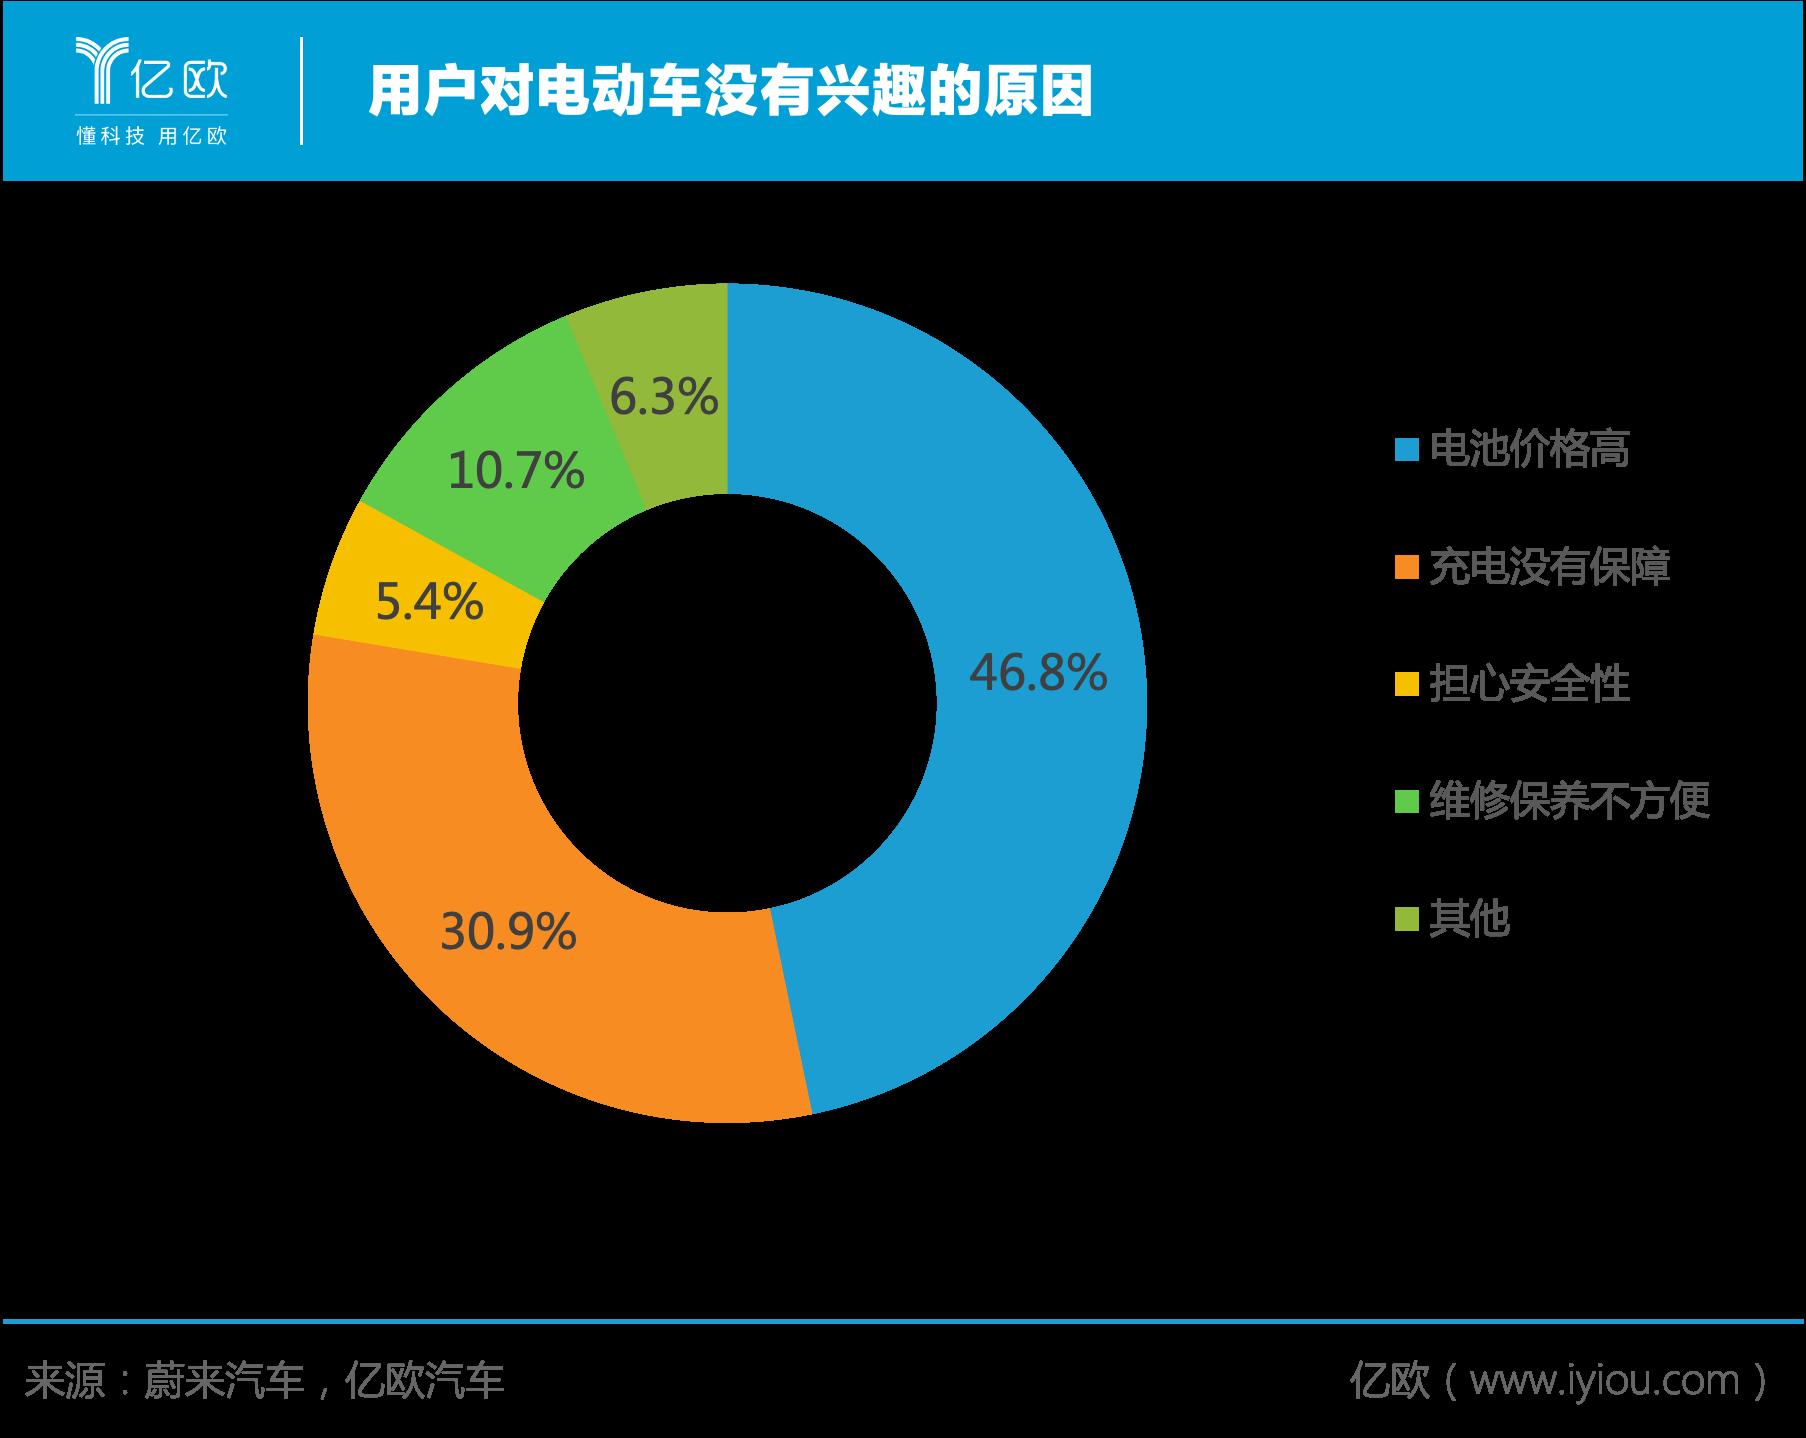 用户对电动车没兴趣调研图.png